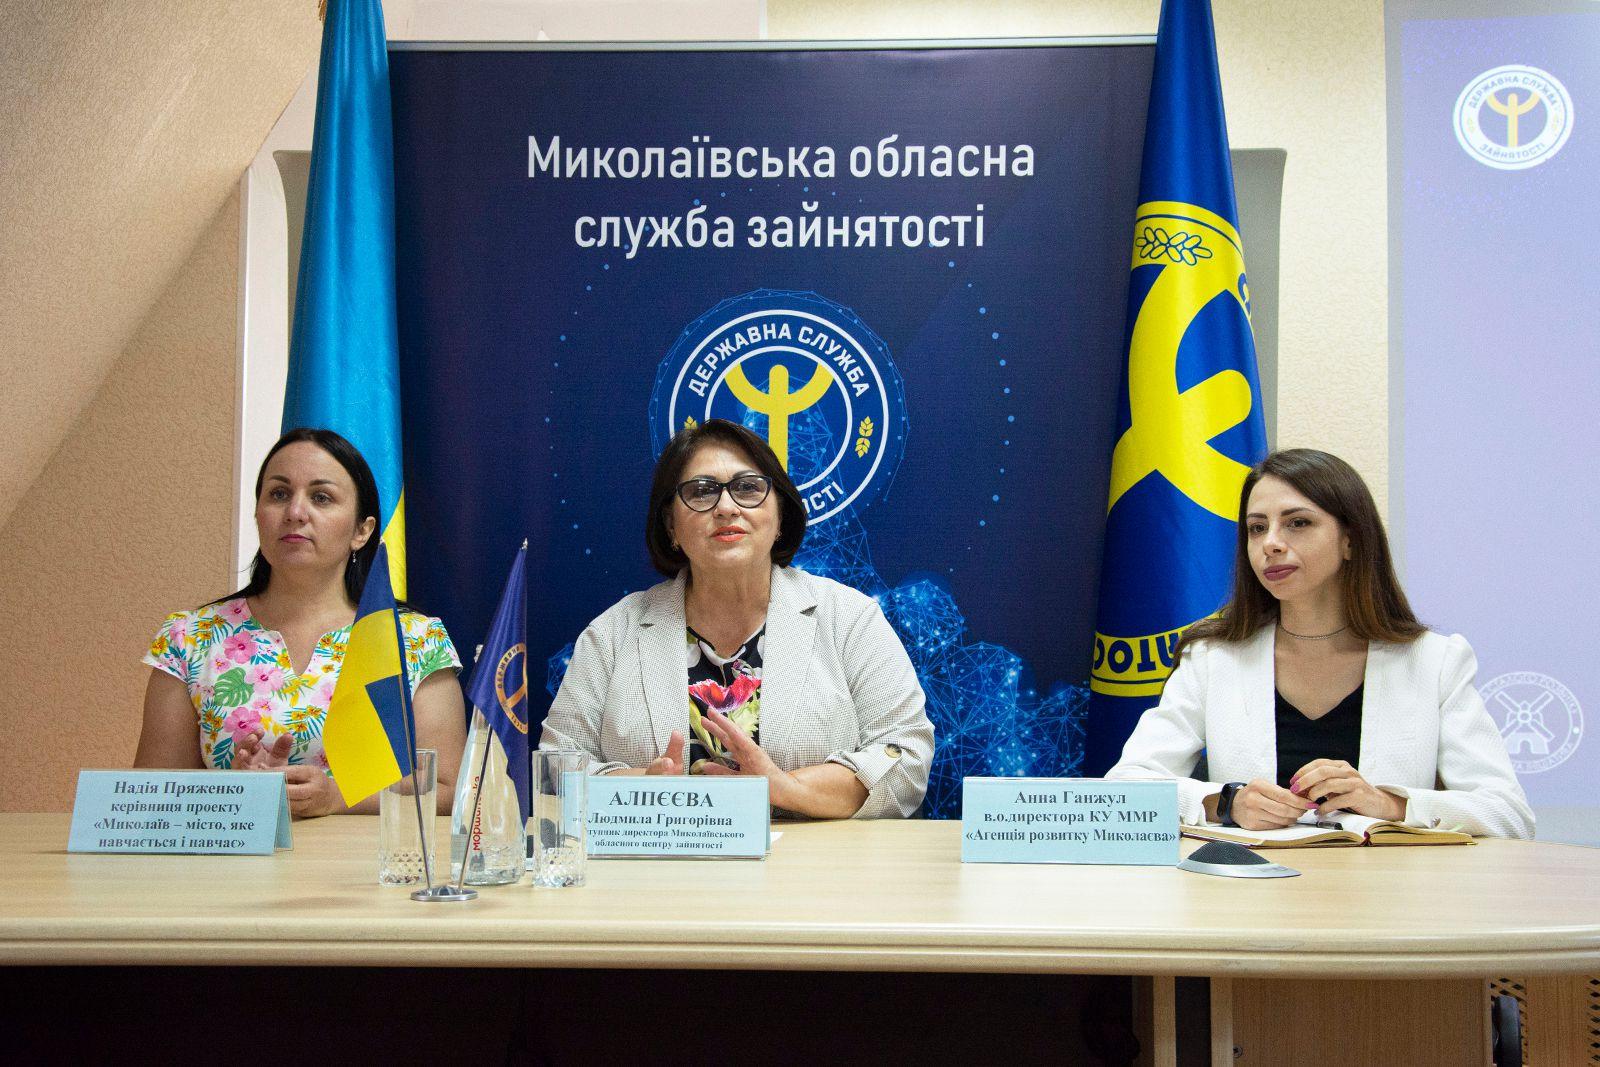 Миколаїв: Пропонують роботу для душі